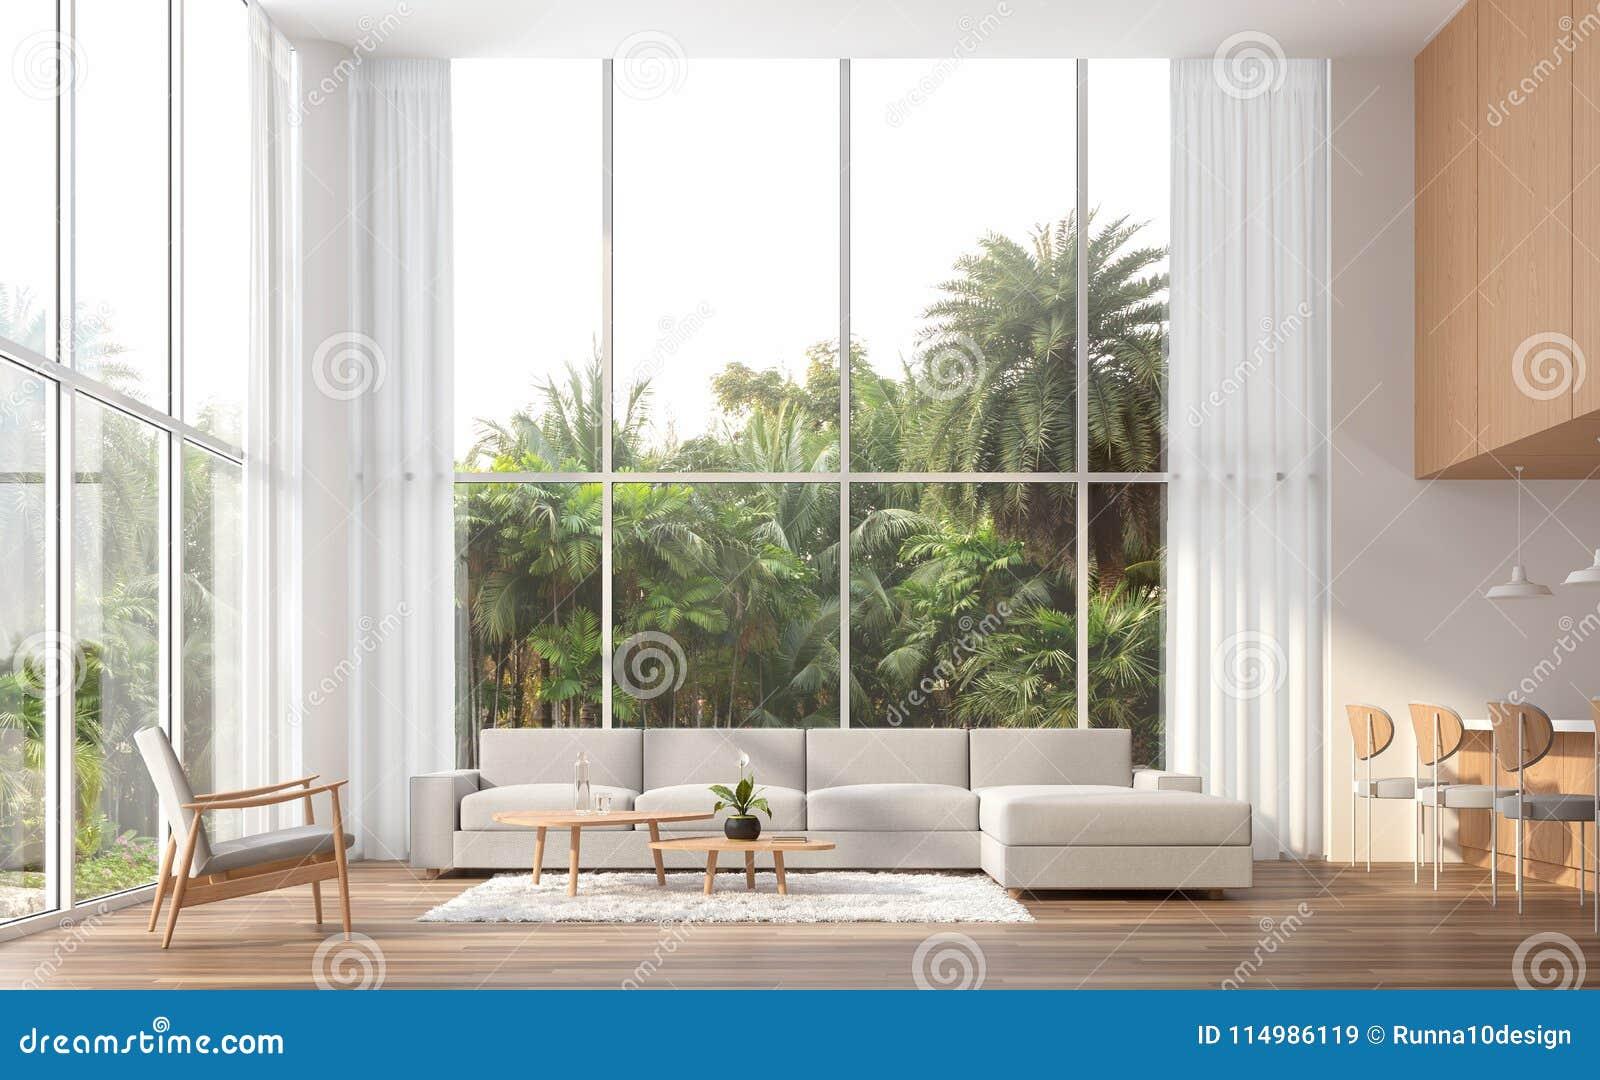 Le Salon A Haut Plafond Contemporain Moderne 3d Rendent